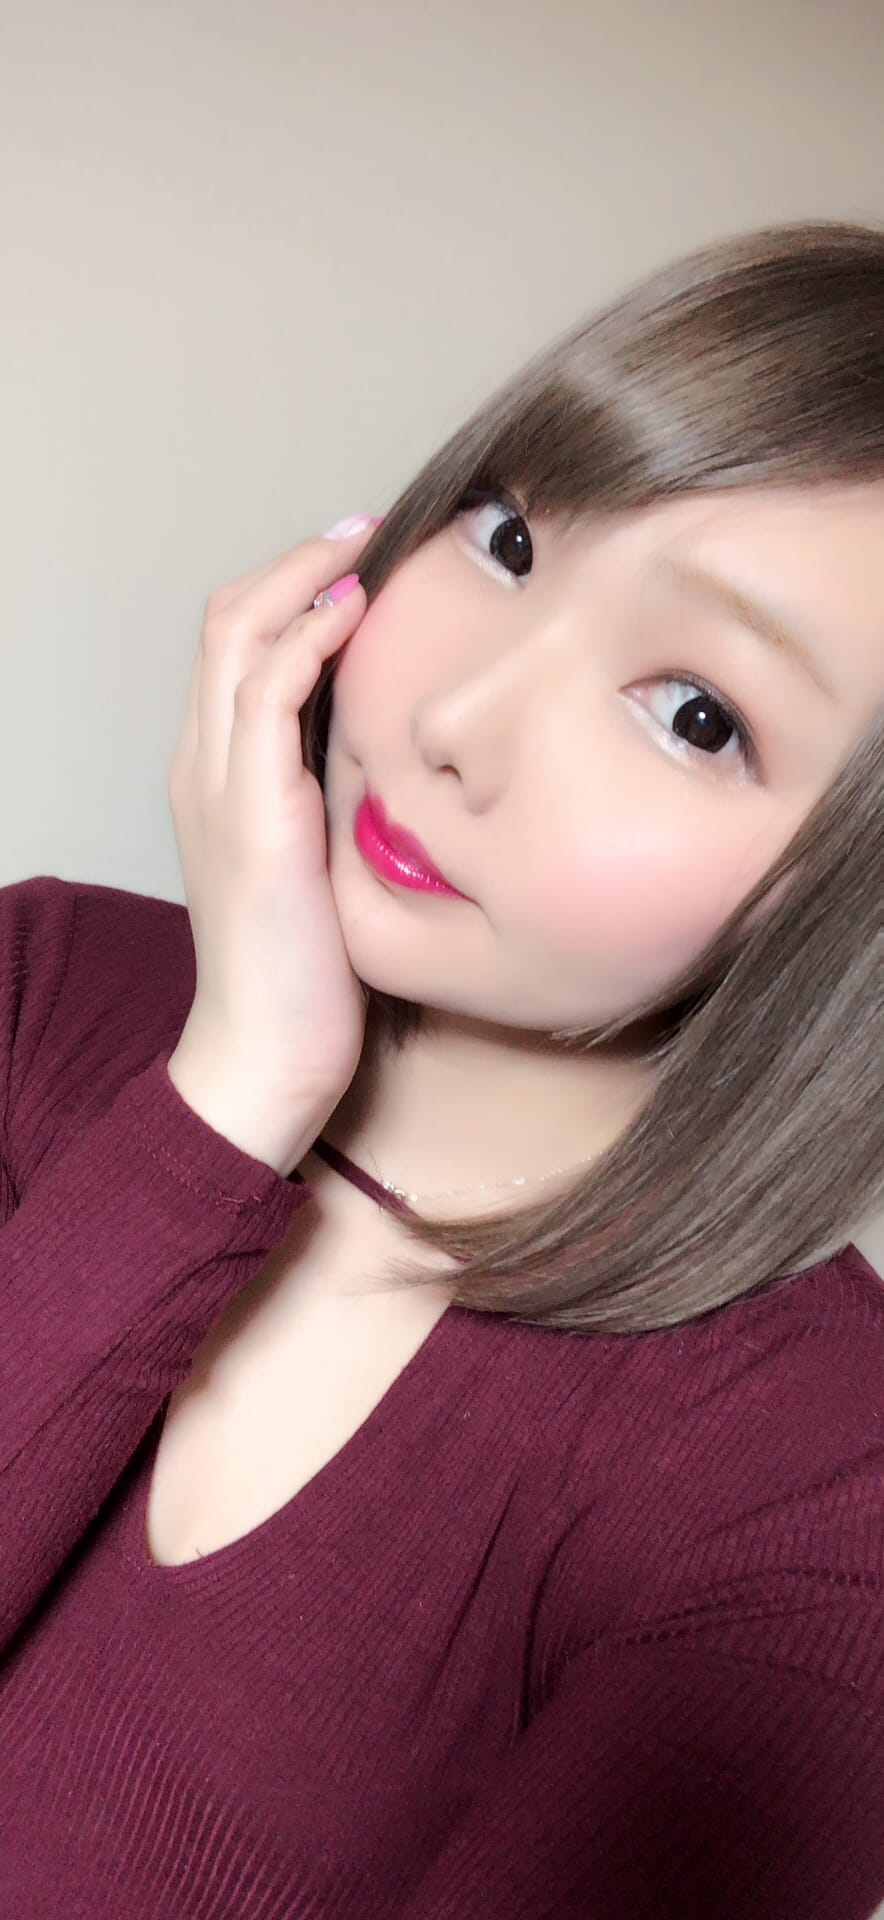 「お礼...ファンタジー」01/17(01/17) 20:22 | 増田ゆめの写メ・風俗動画